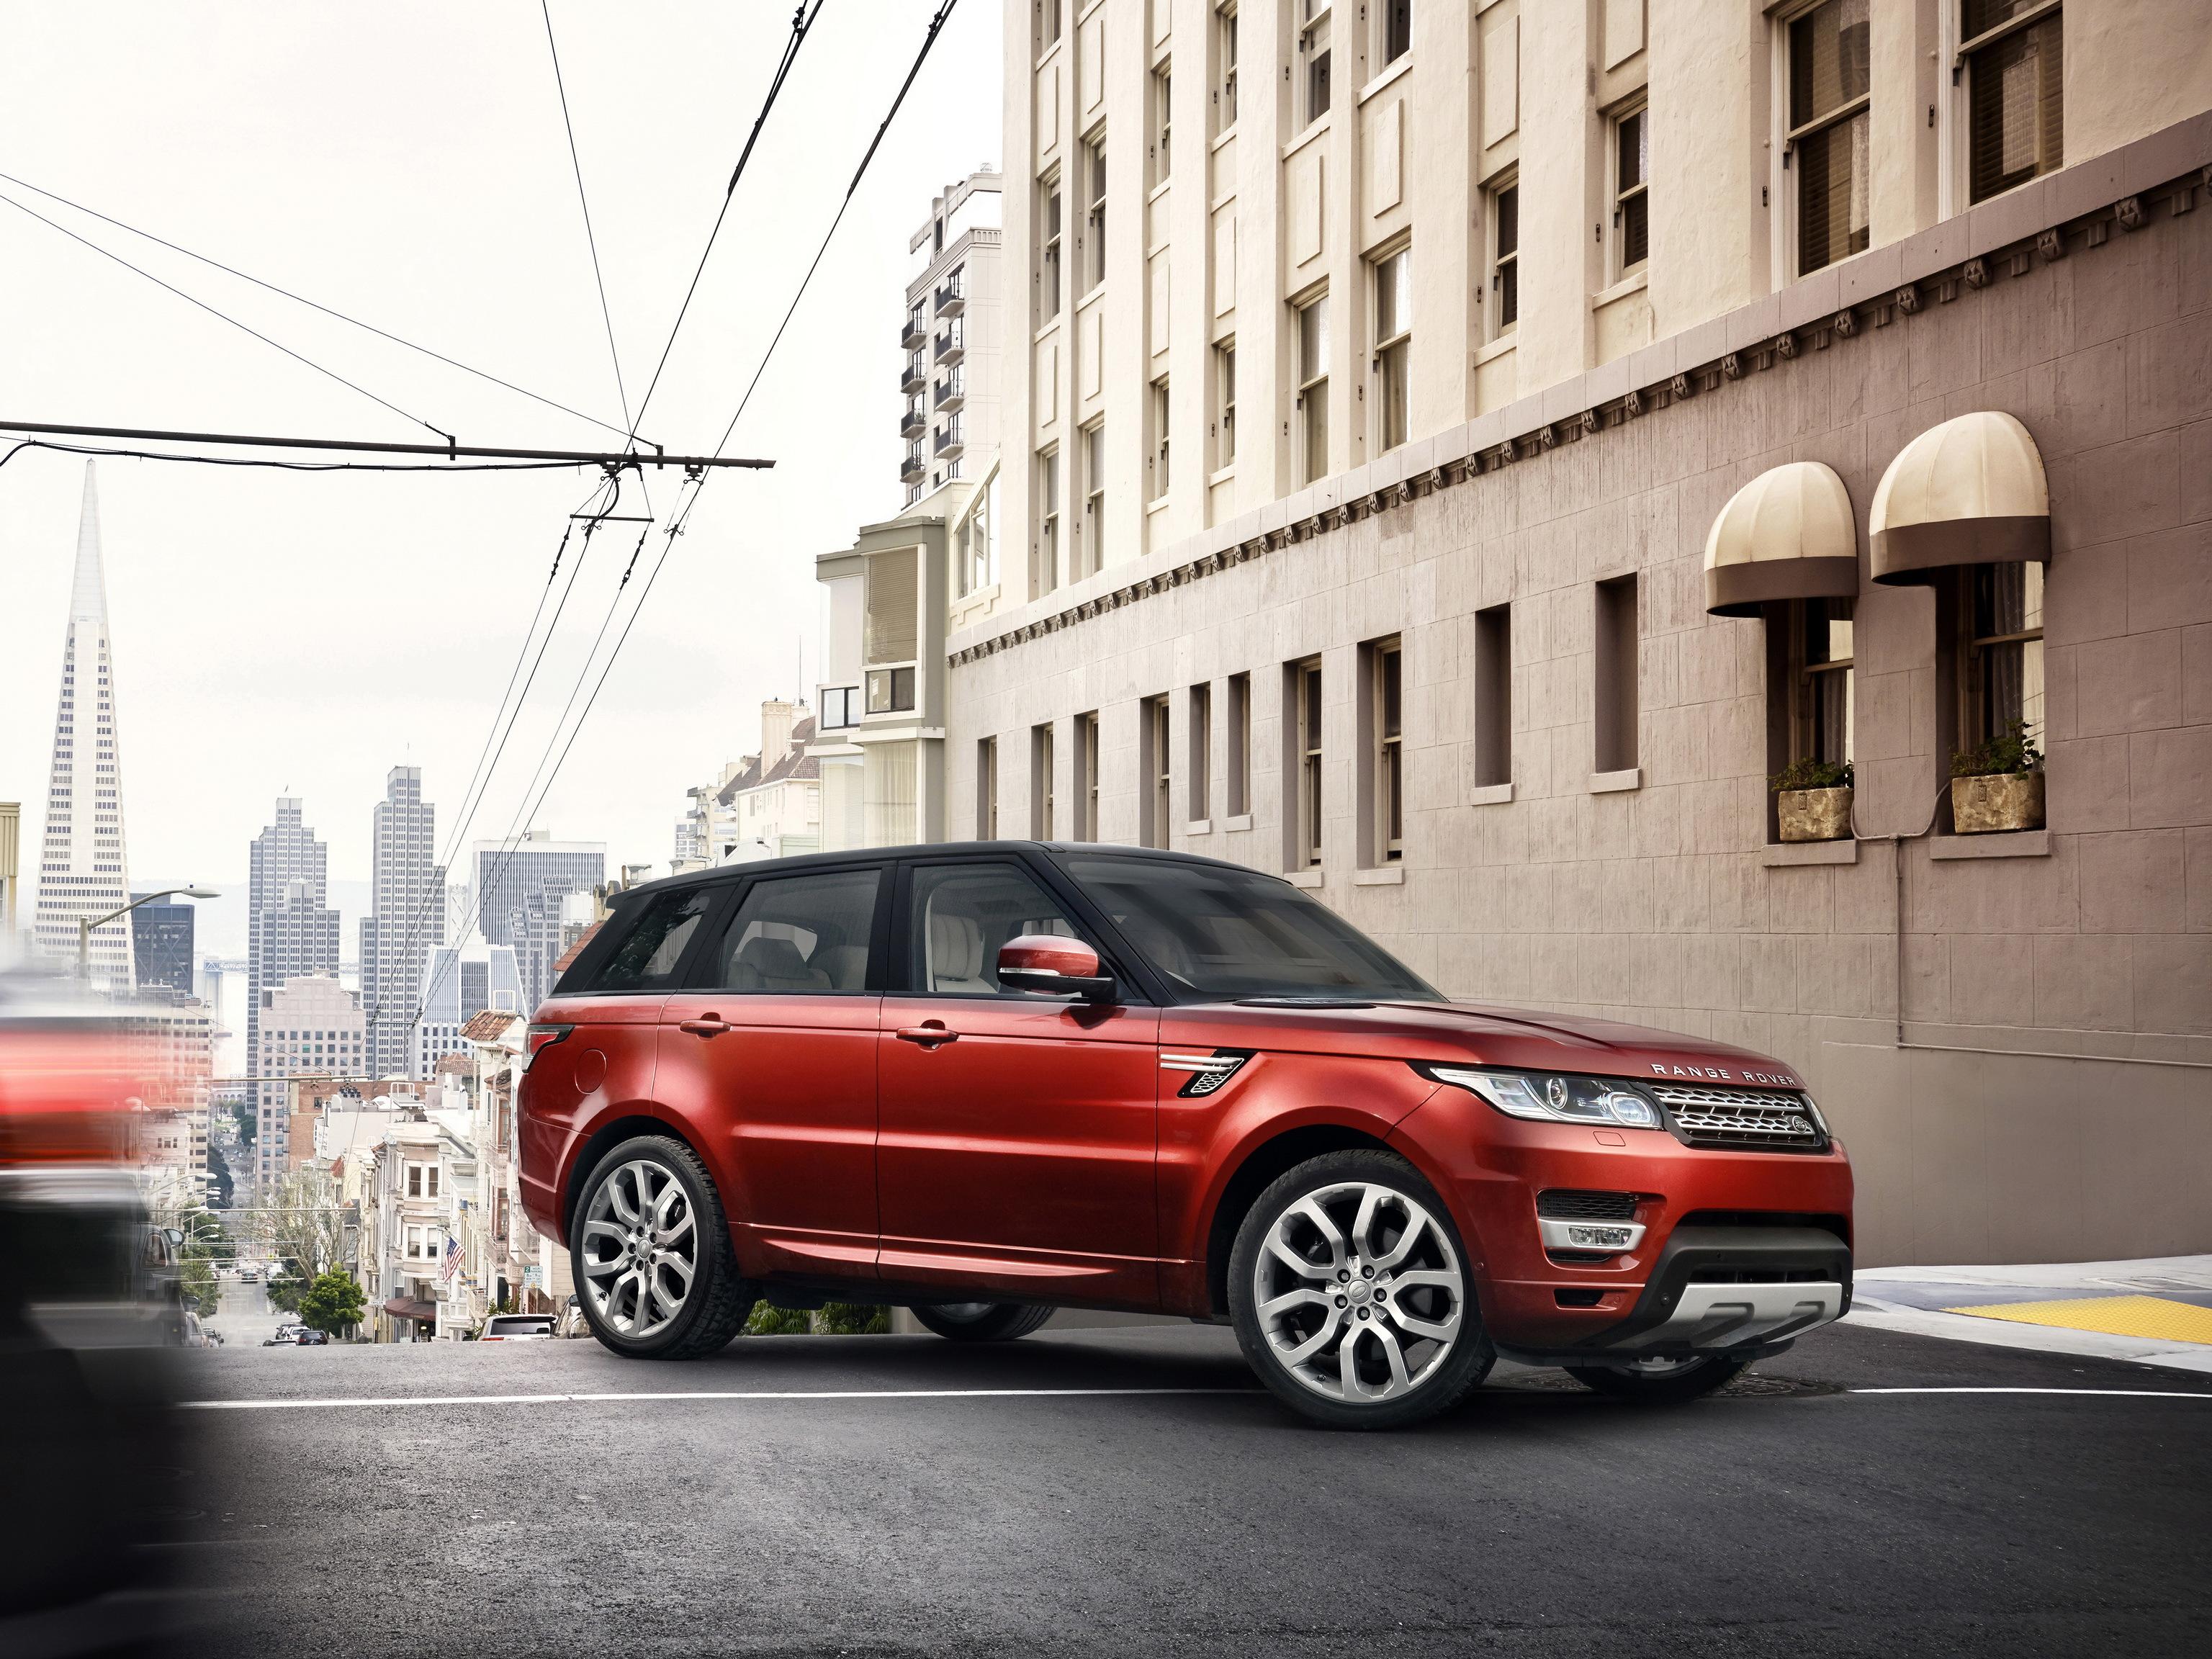 102396 скачать обои Тачки (Cars), Ленд Ровер (Land Rover), Рендж Ровер (Range Rover), Внедорожник, Красный, Город - заставки и картинки бесплатно